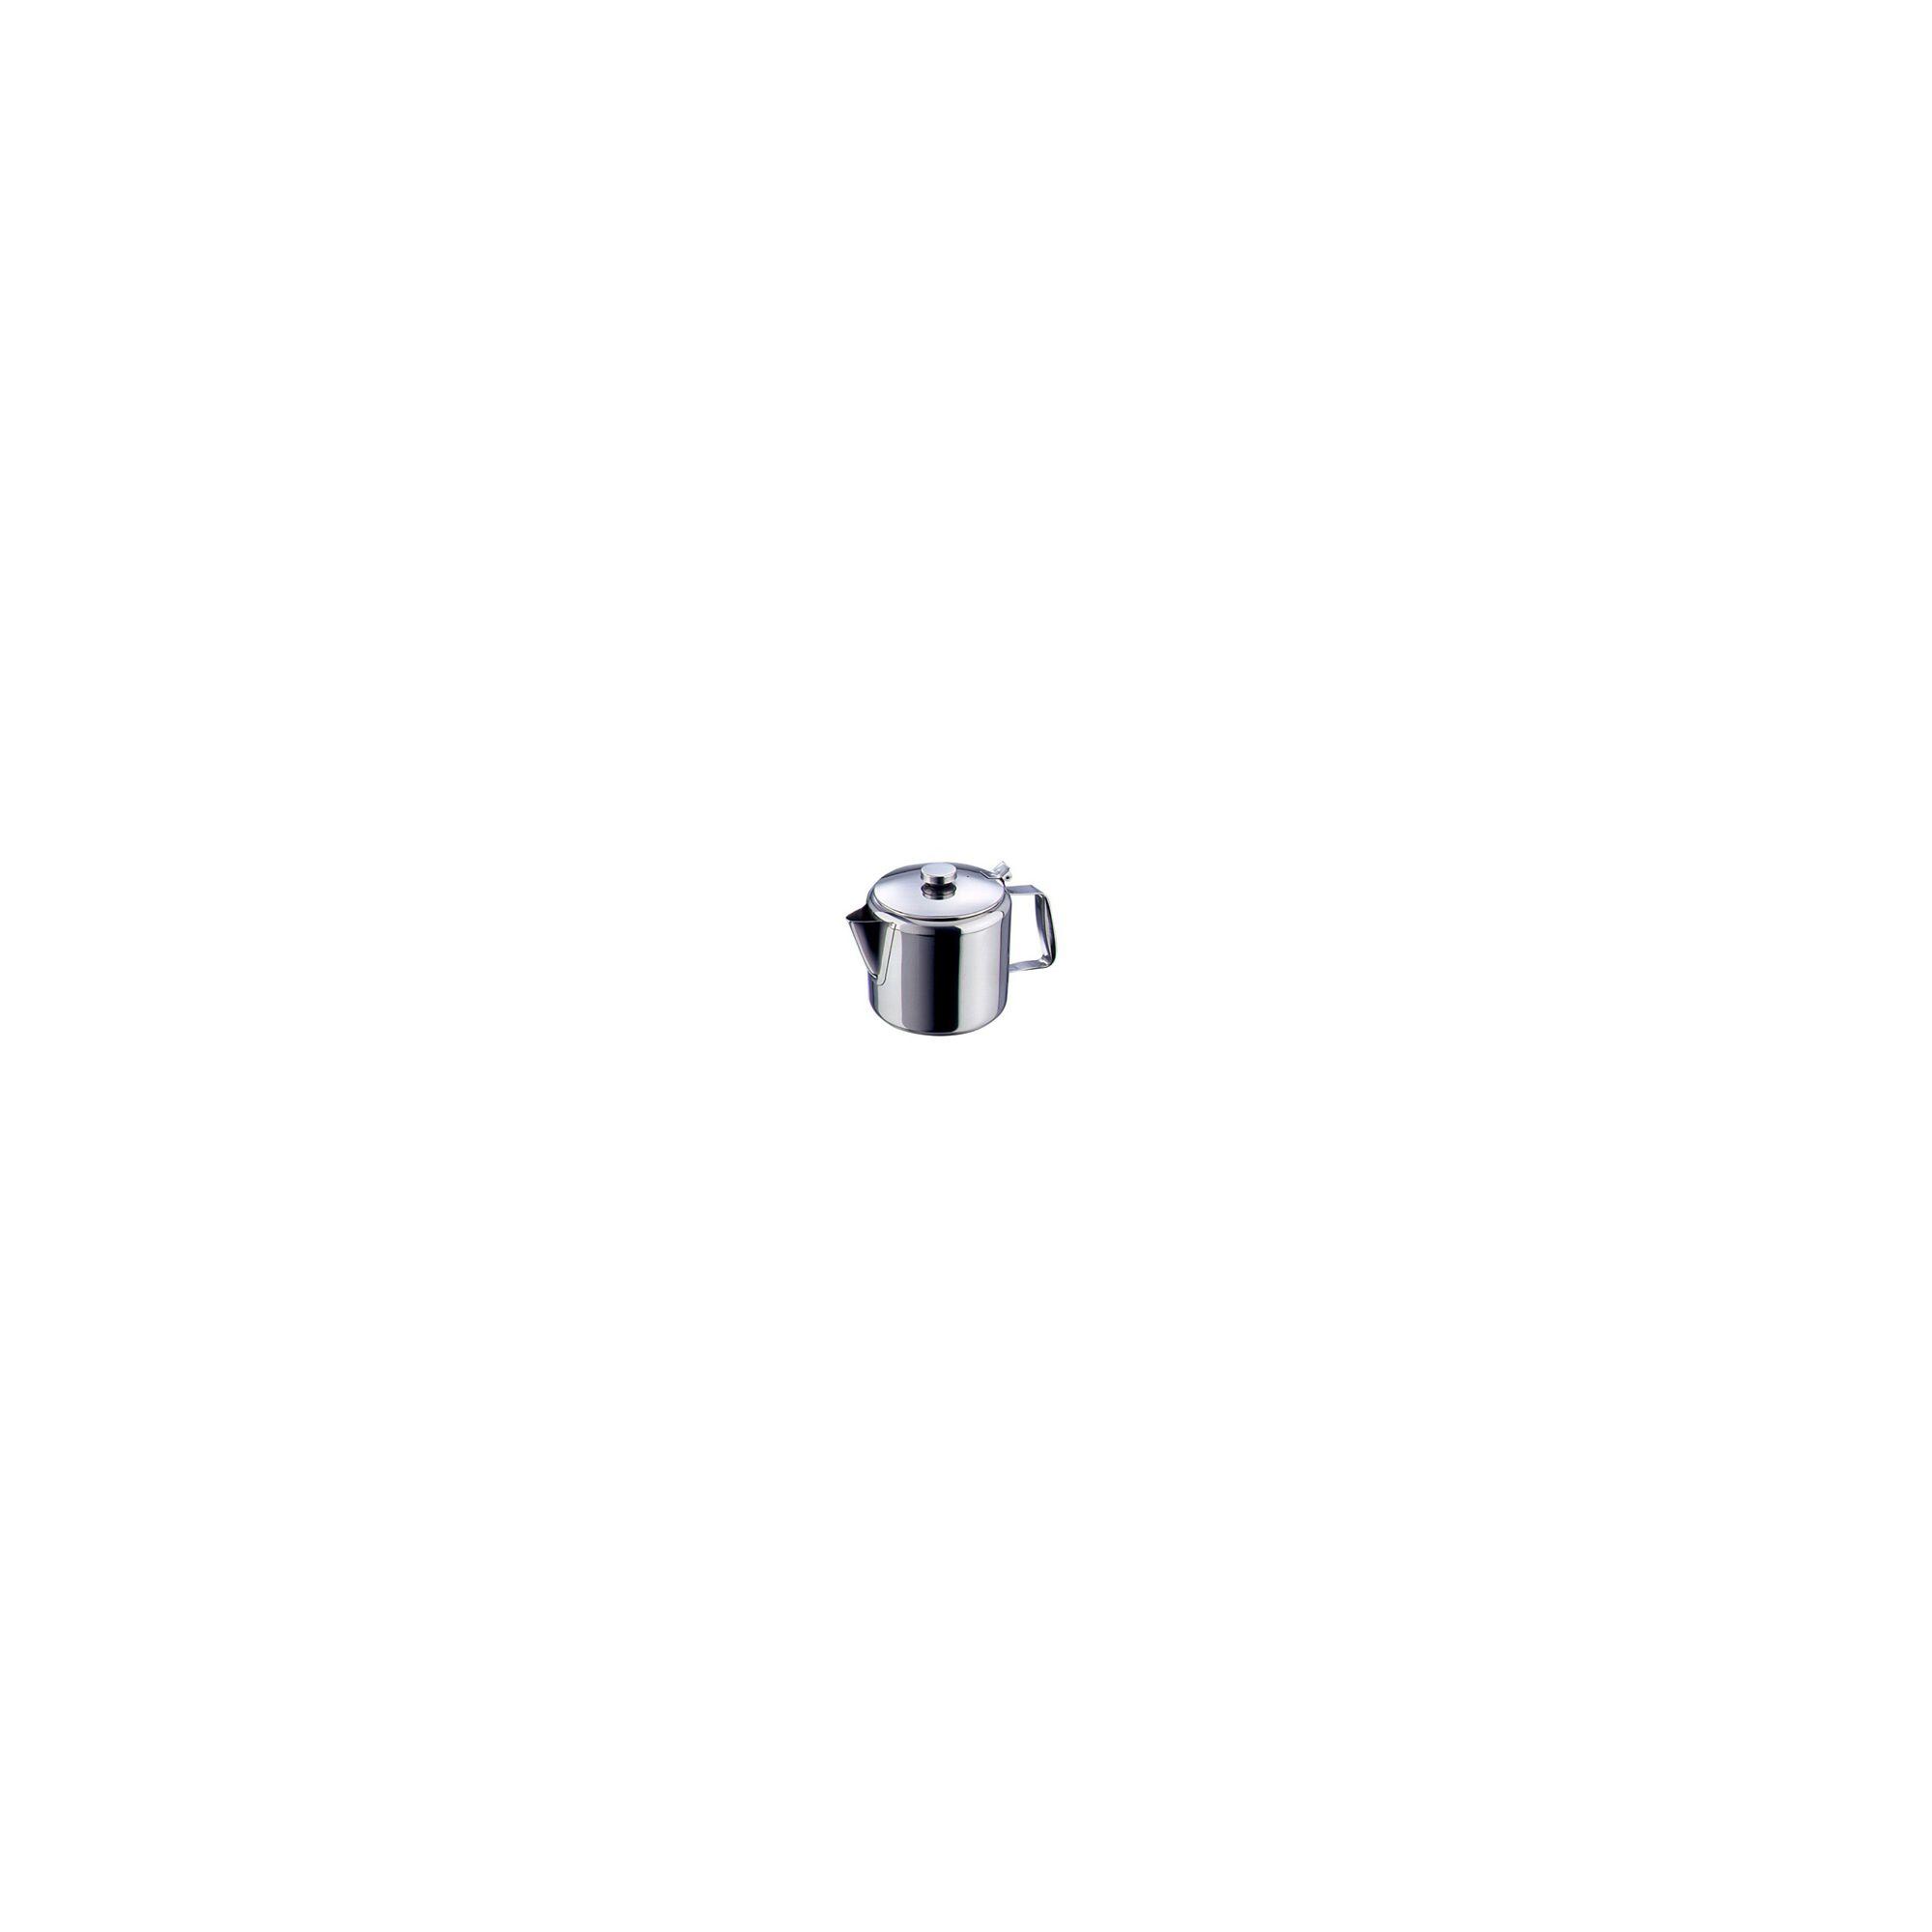 Zodiac 11031 Sunnex Teapot S/S 20Oz